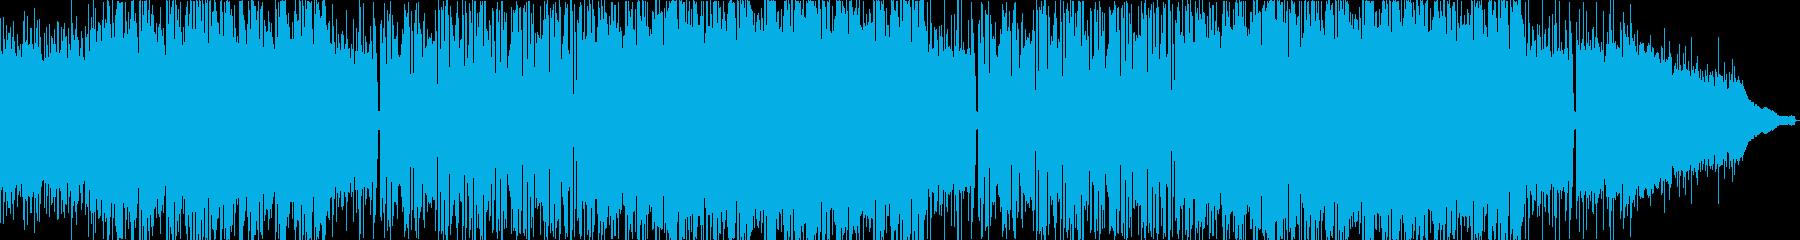 元気で明るいポップなBGM/OP/CMの再生済みの波形